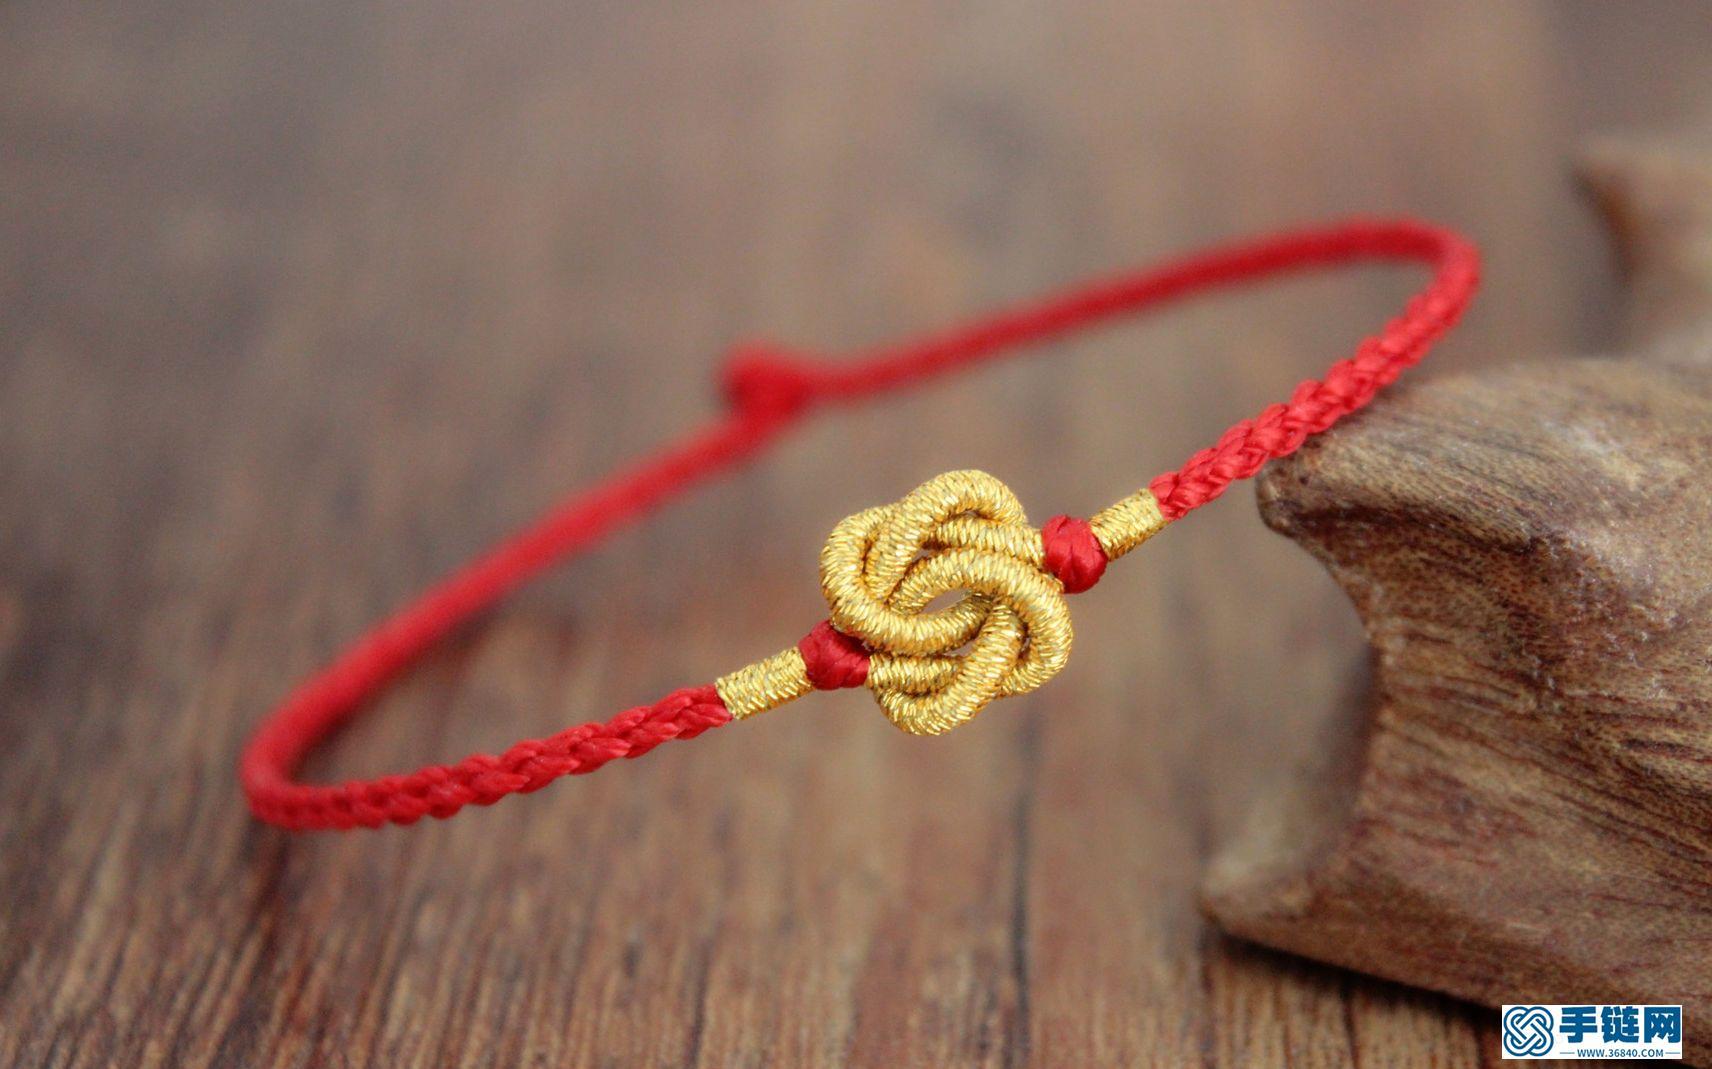 古典红绳系列之同心结 本命年手绳DIY教程 永结同心 细细小小的很美腻